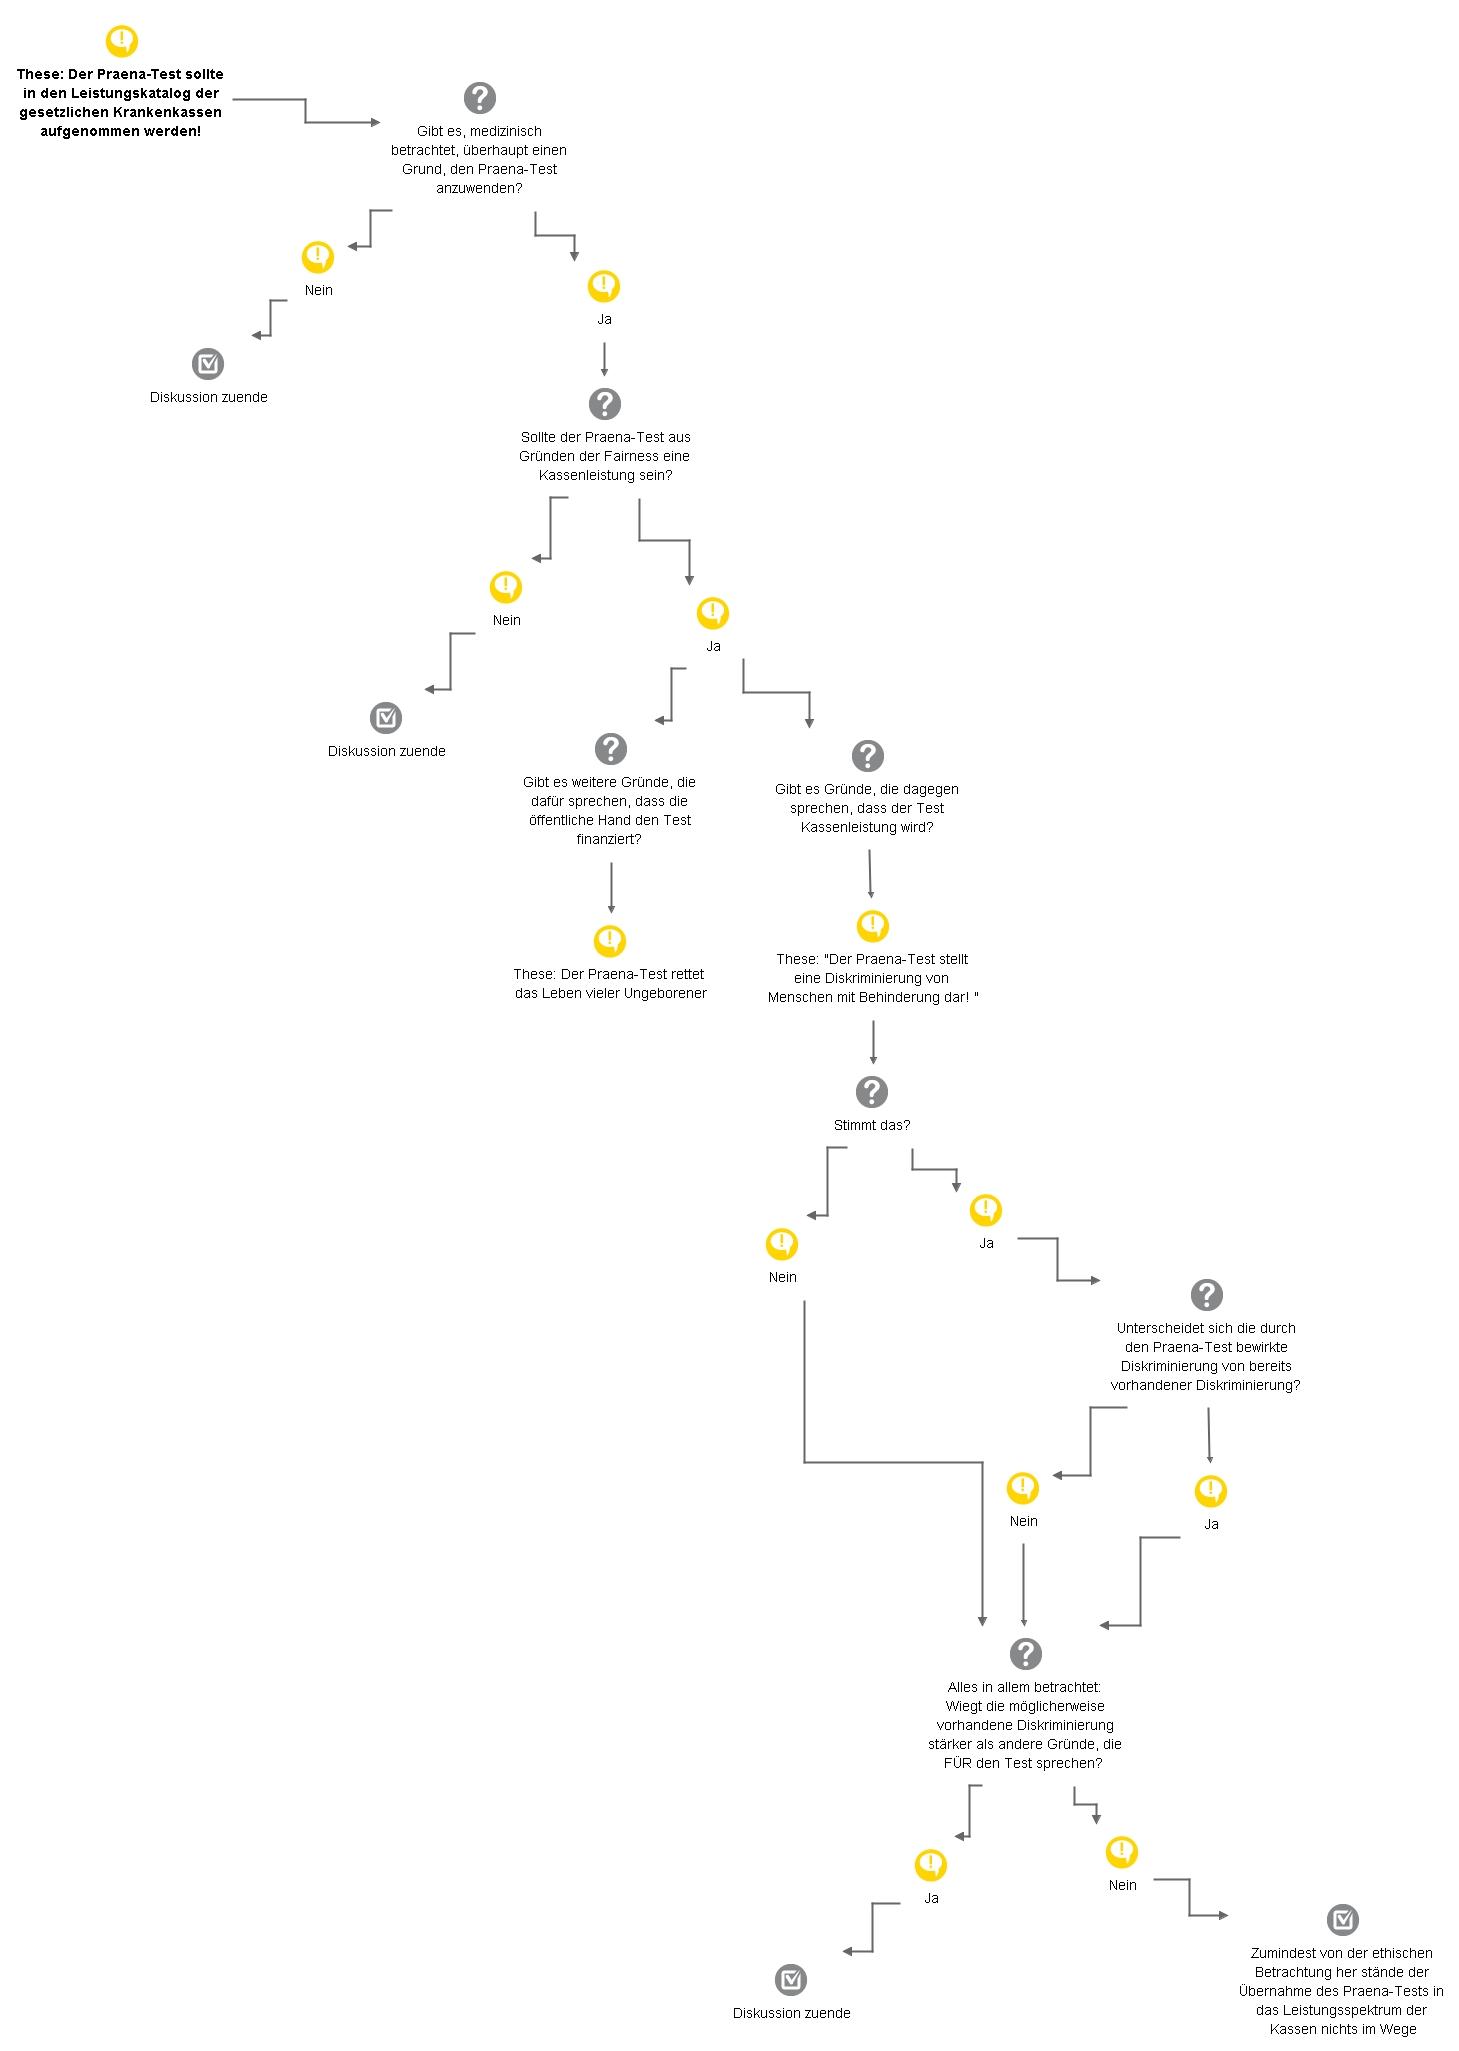 Entscheidungsverlauf als Flussdiagramm